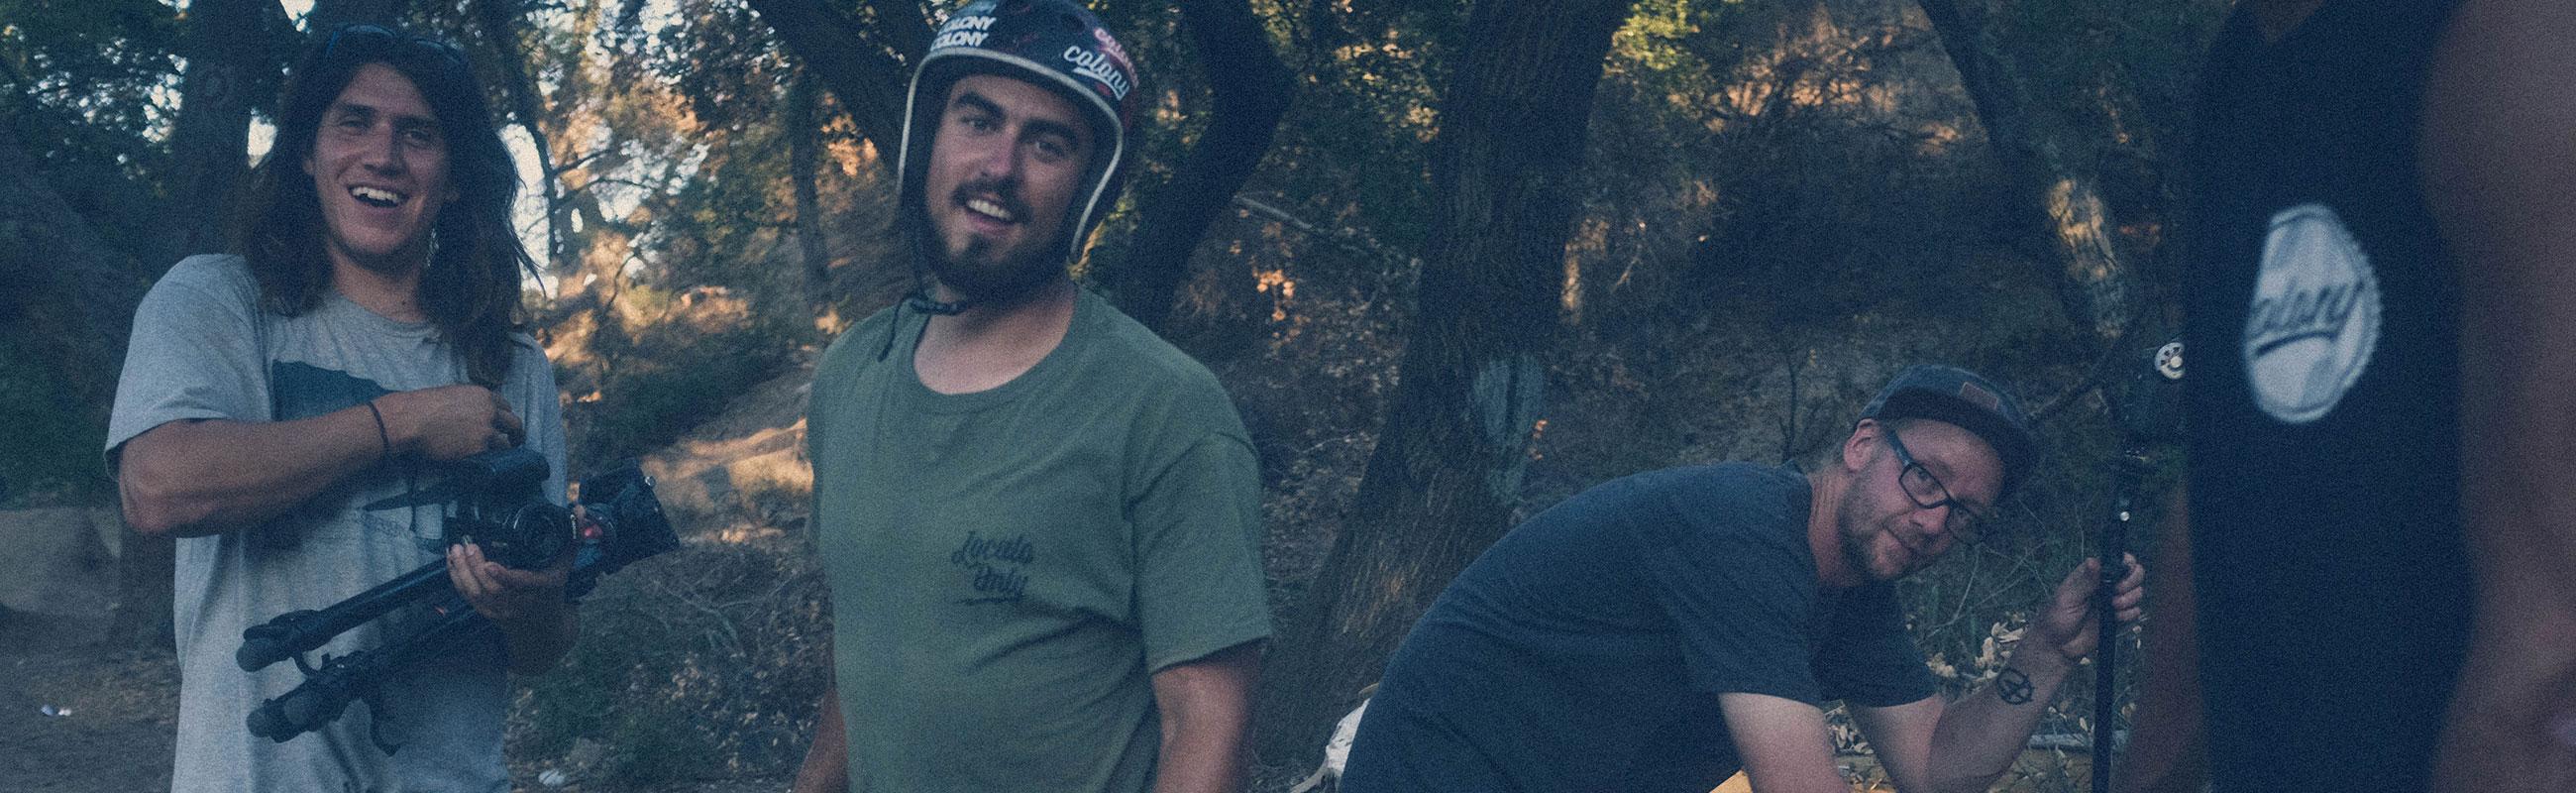 crew trails